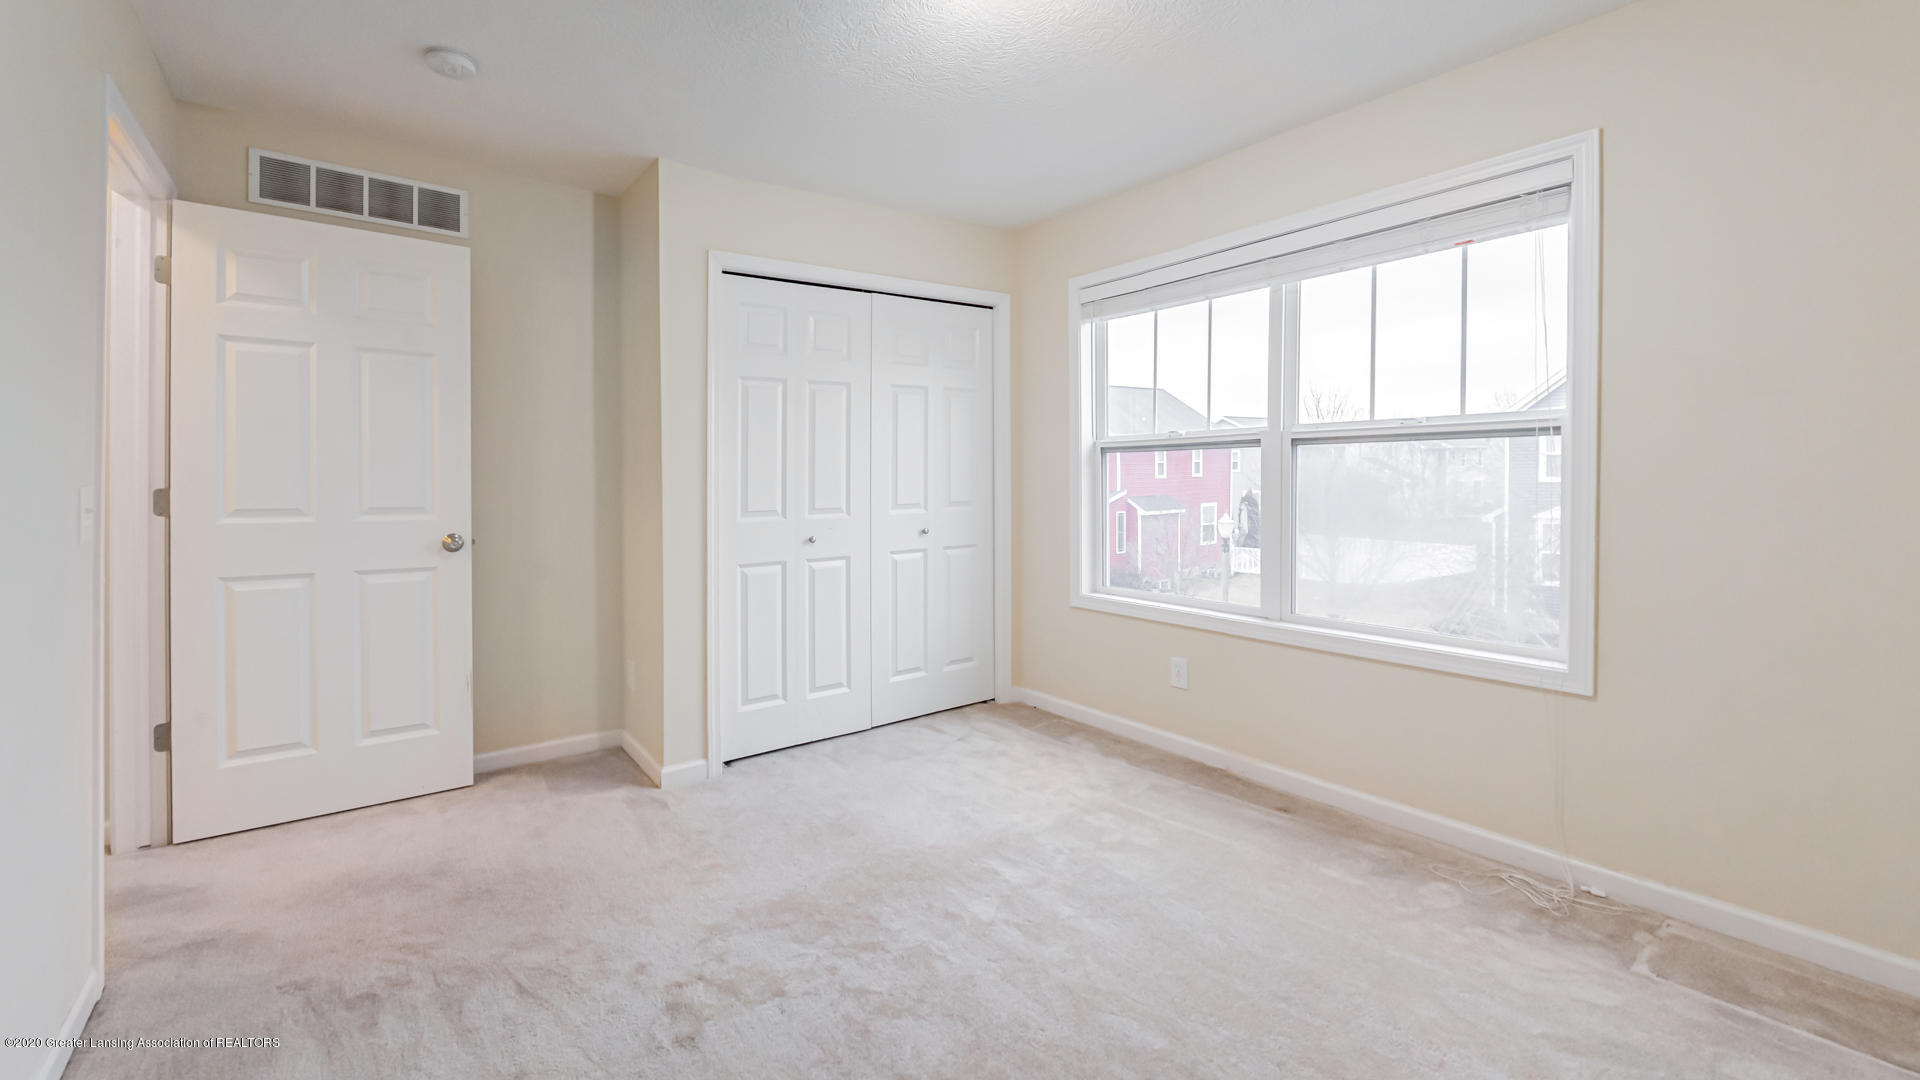 3612 Shearwater Ln - Bedroom - 19